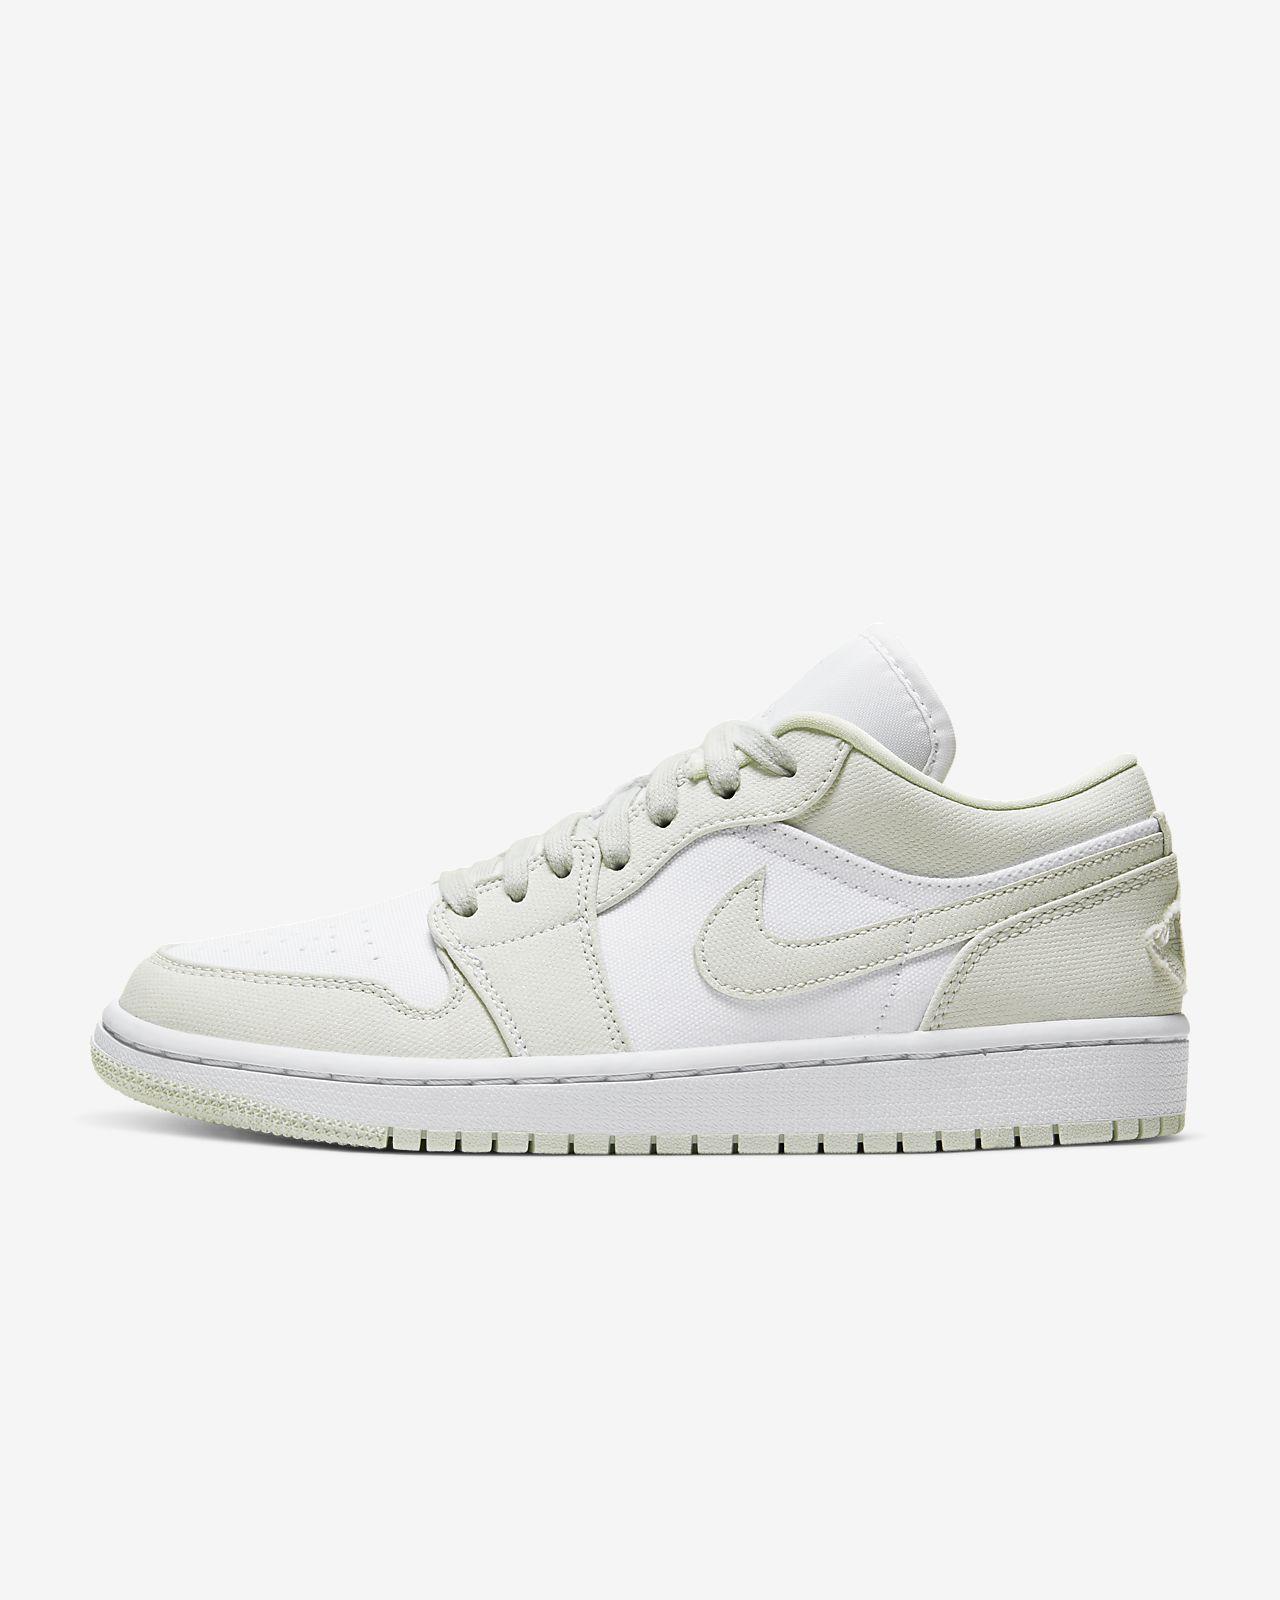 รองเท้าผู้หญิง Air Jordan 1 Low